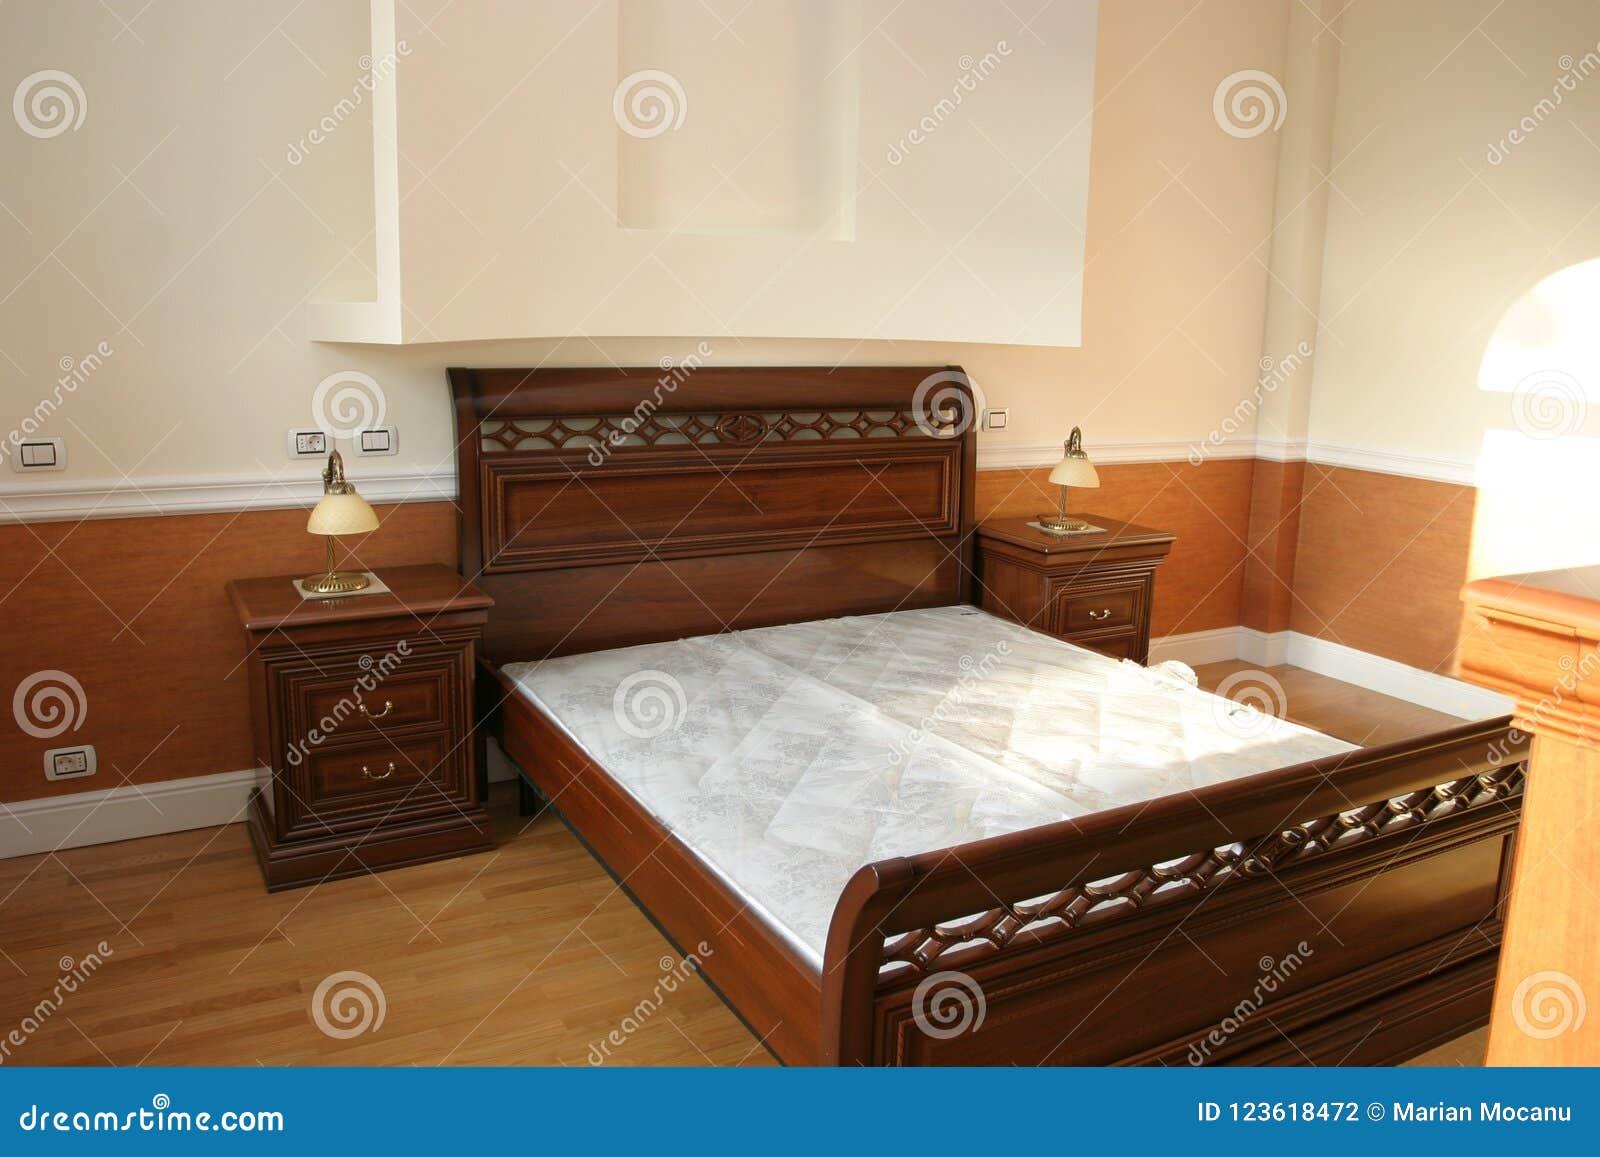 Роскошная мебель старого стиля woth спальни